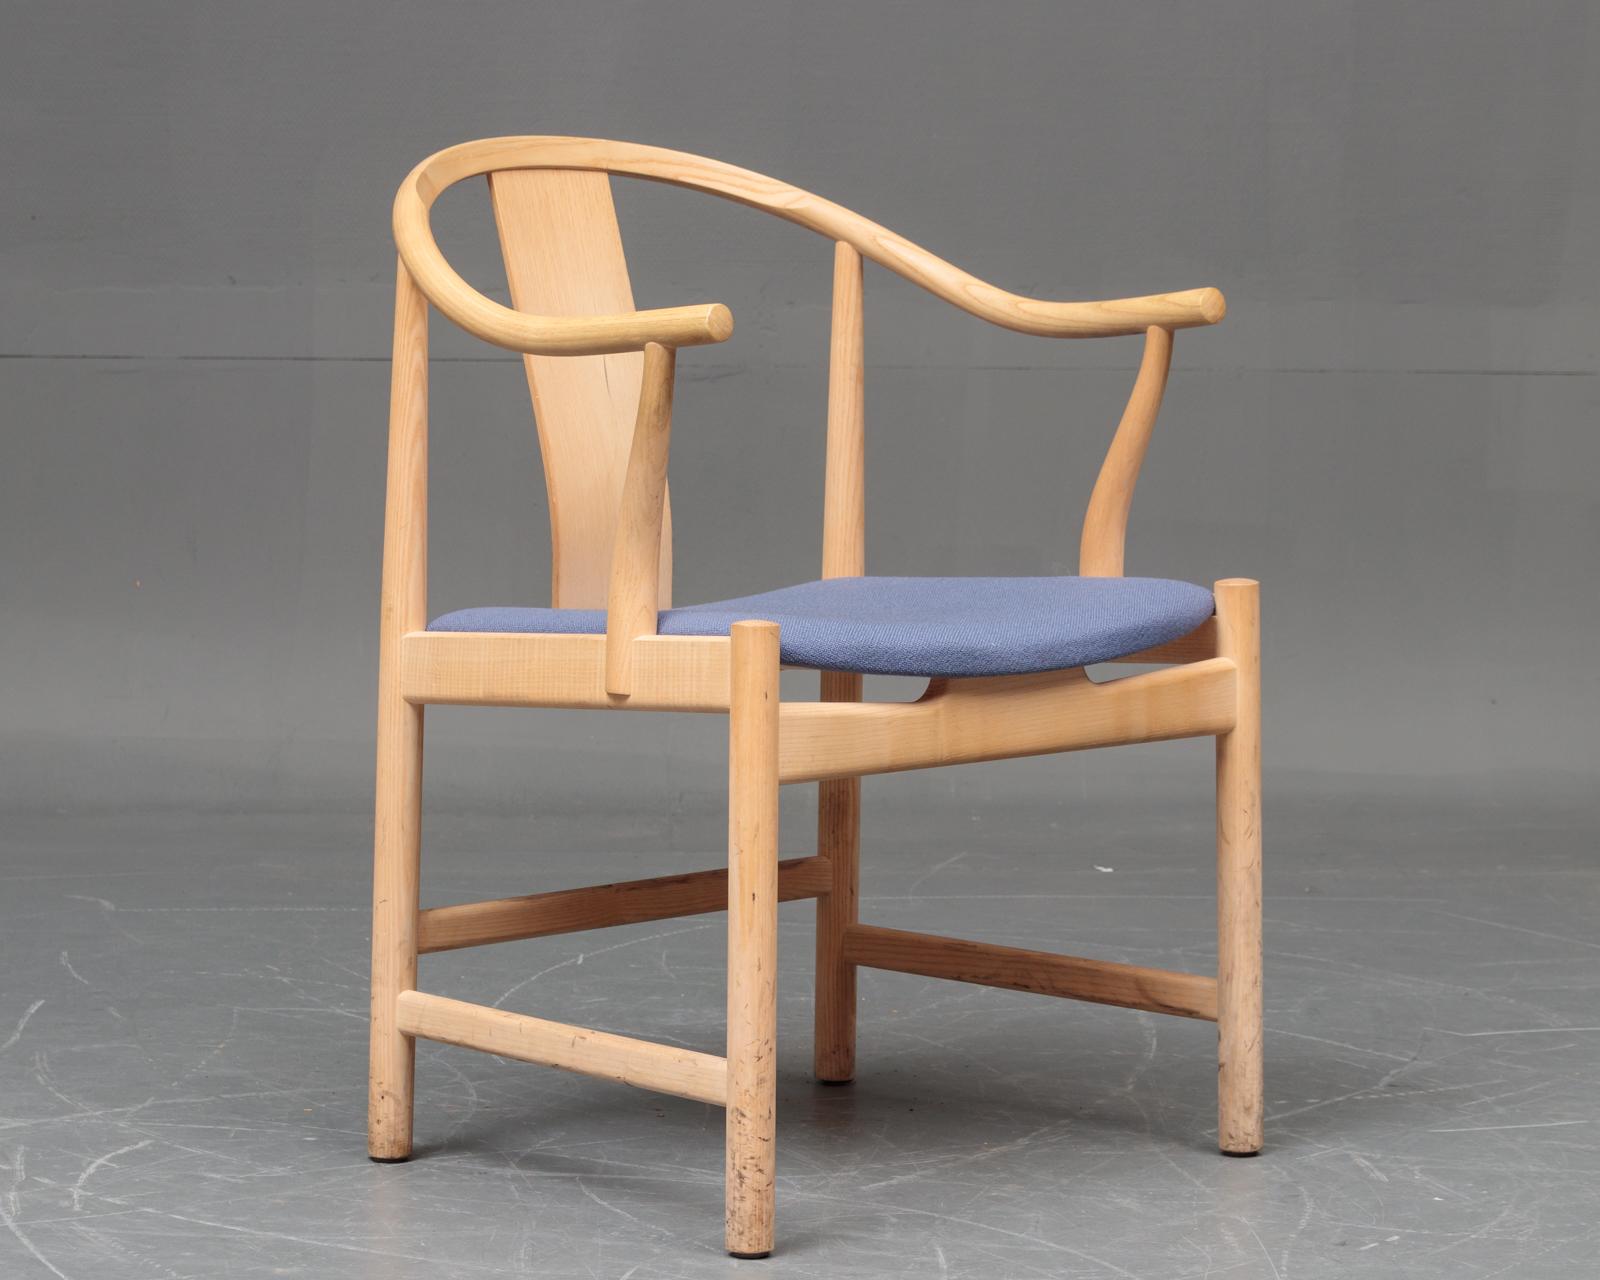 Hans J. Wegner. Kinastol af ask, model PP66 - Hans J. Wegner. Kinastol med stel af ask, sæde beklædt med blåt uldstof, H. 80 cm, B. 56 cm, SH 43 cm. Formgivet i 1944. Fremstillet hos PP-Møbler, model PP66. Fremstår medbrugsspor, mærker på ben. Litteratur: Hans J. Wegner - En stolemager...